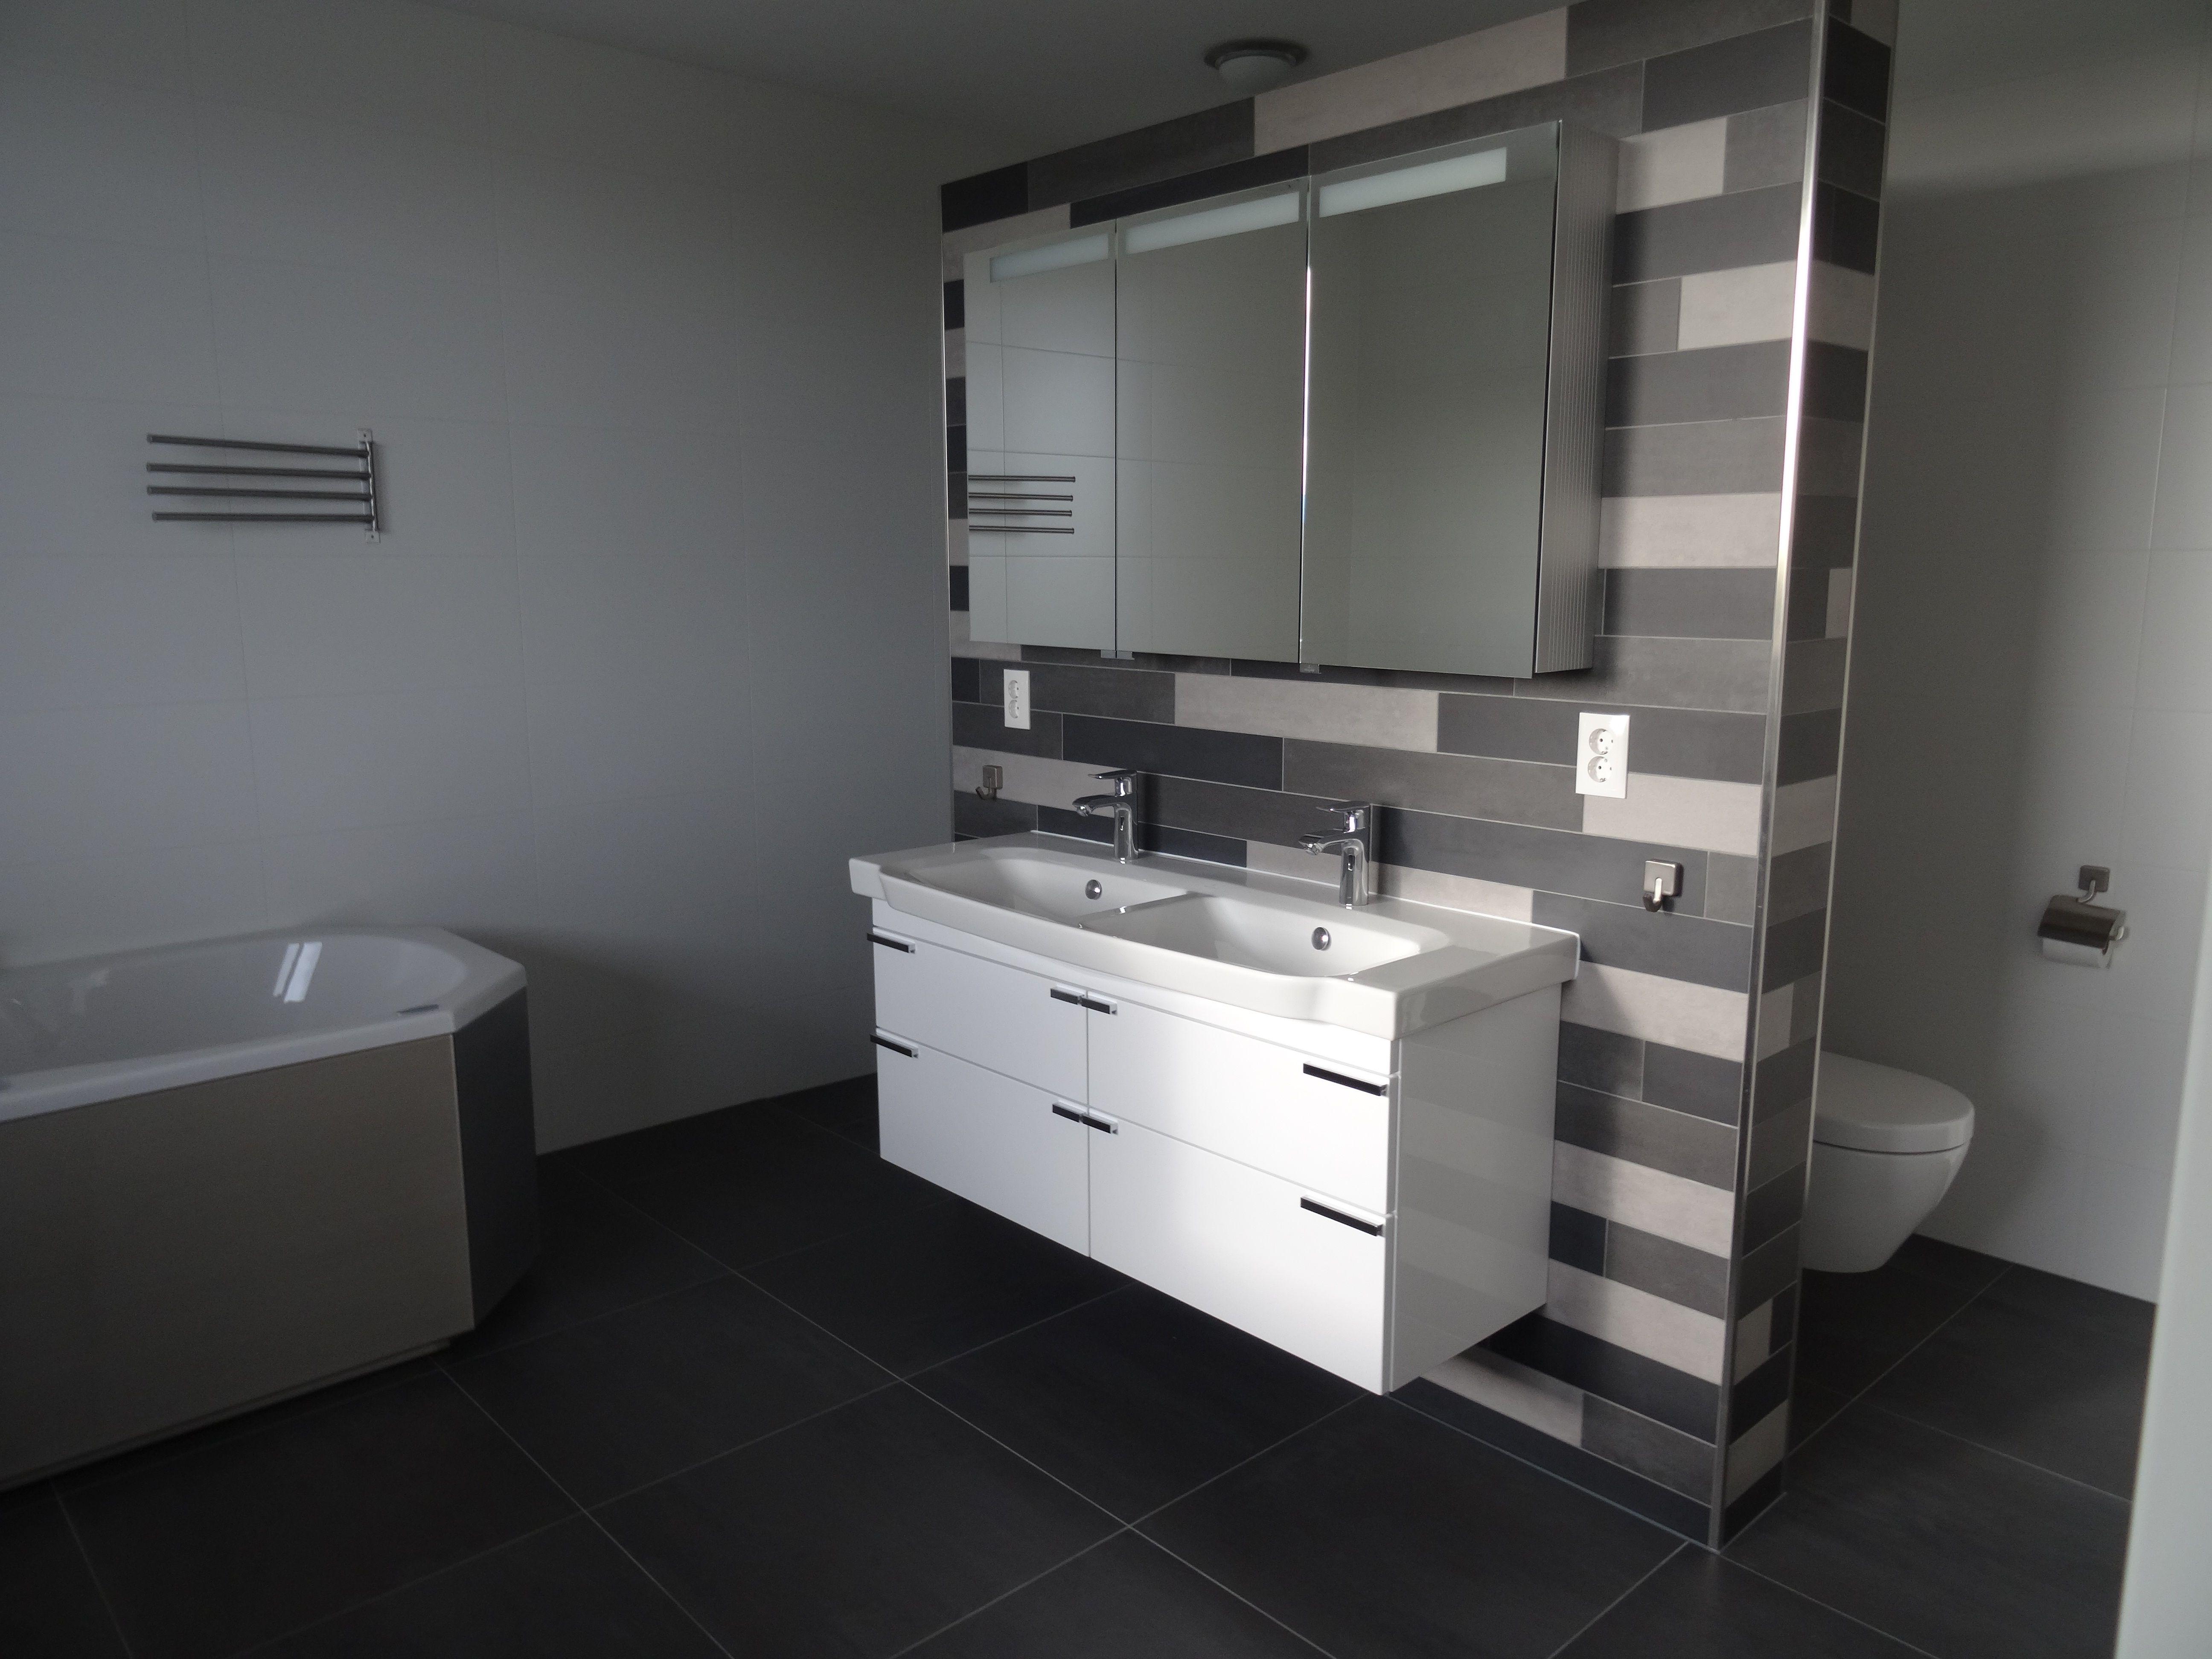 mosa tegelstroken in badkamer en toilet 203v 206v en 216 v 10x60